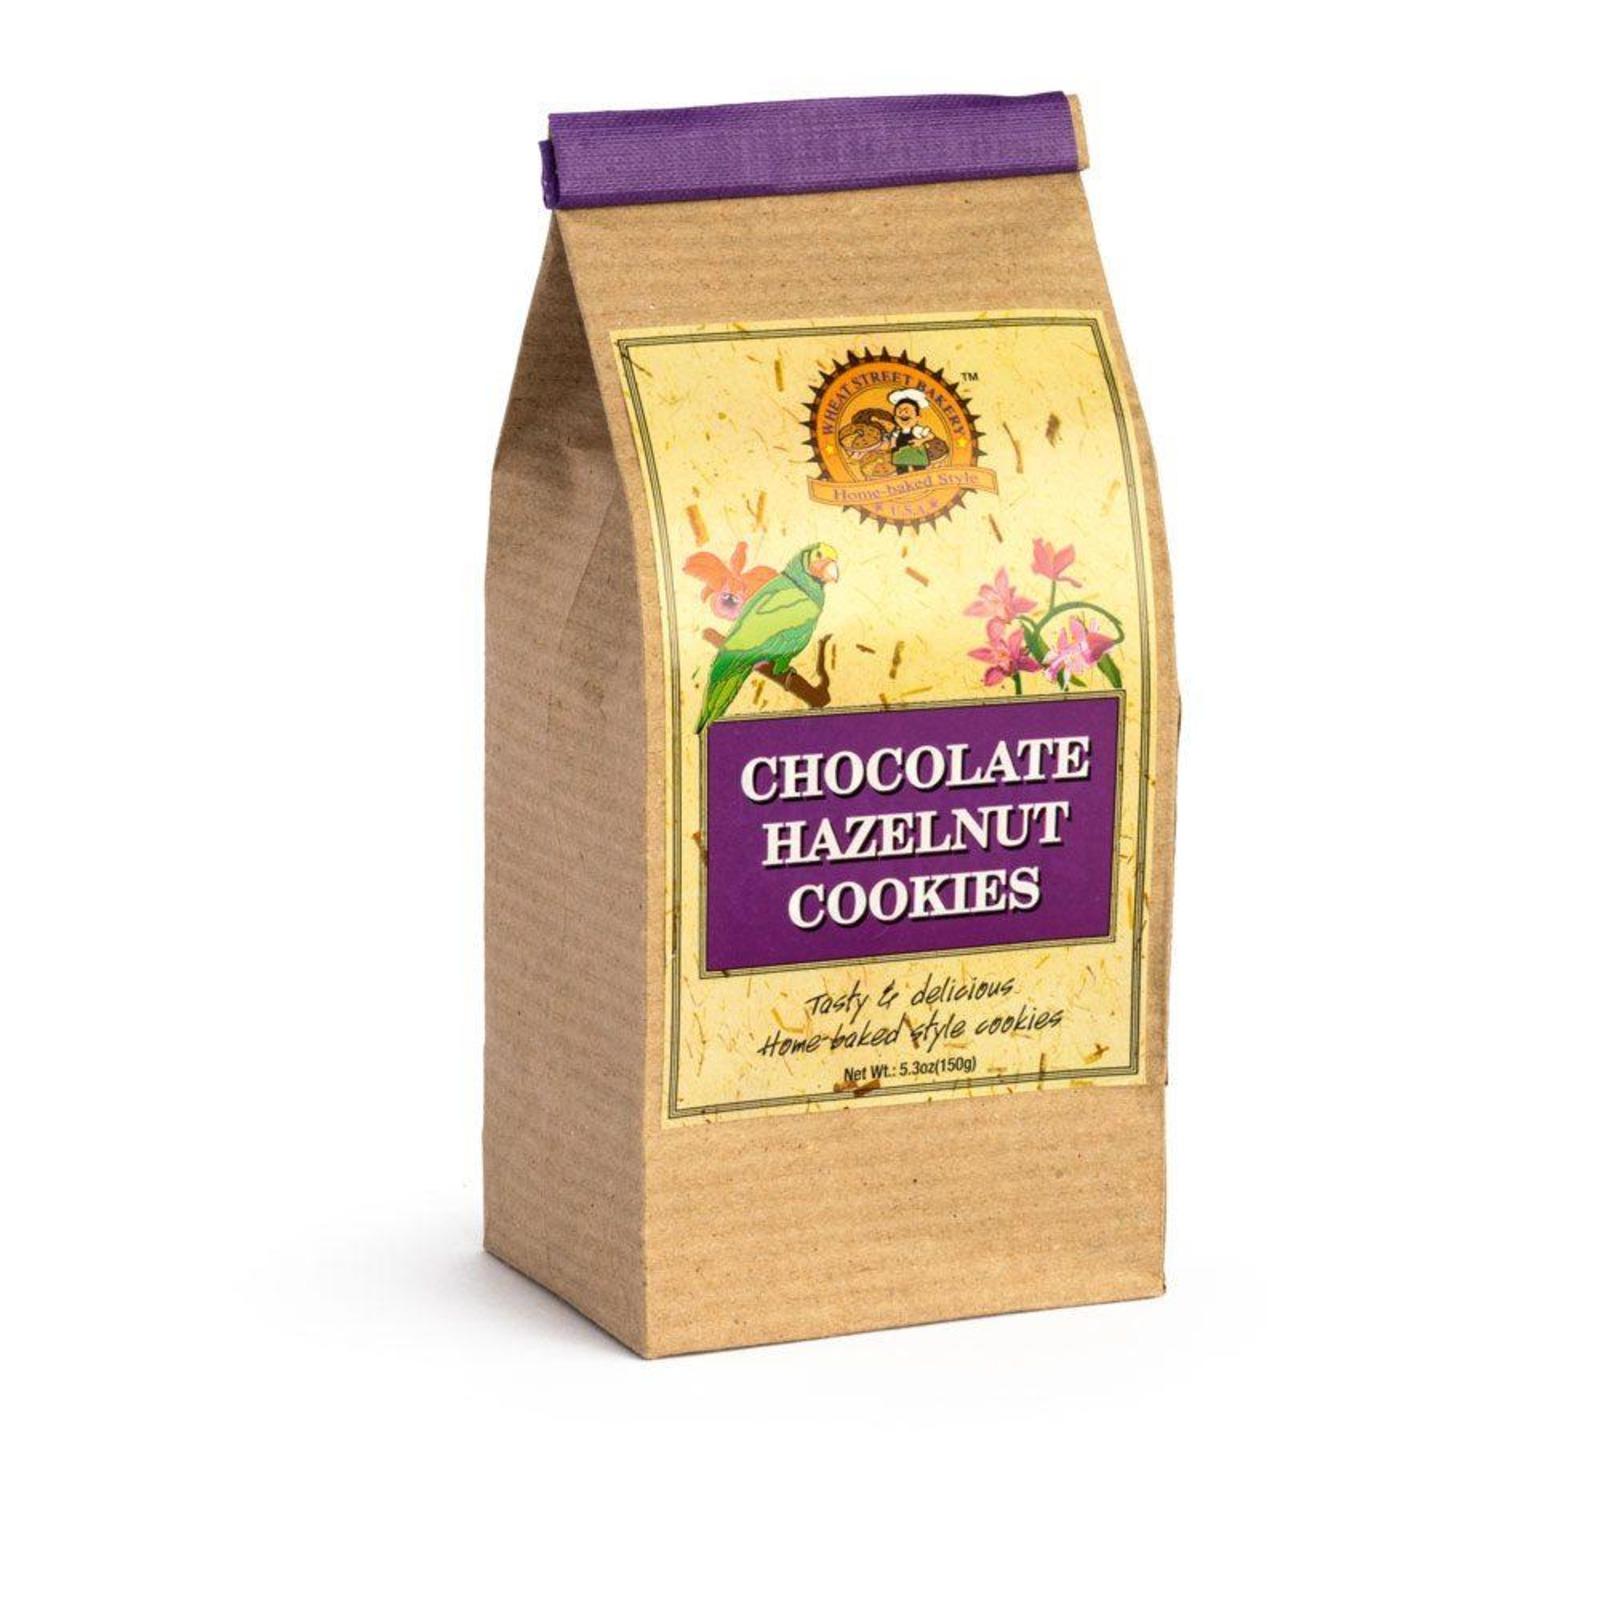 Raintree Raintree Baked Cookies Chocolate Hazelnut Filled